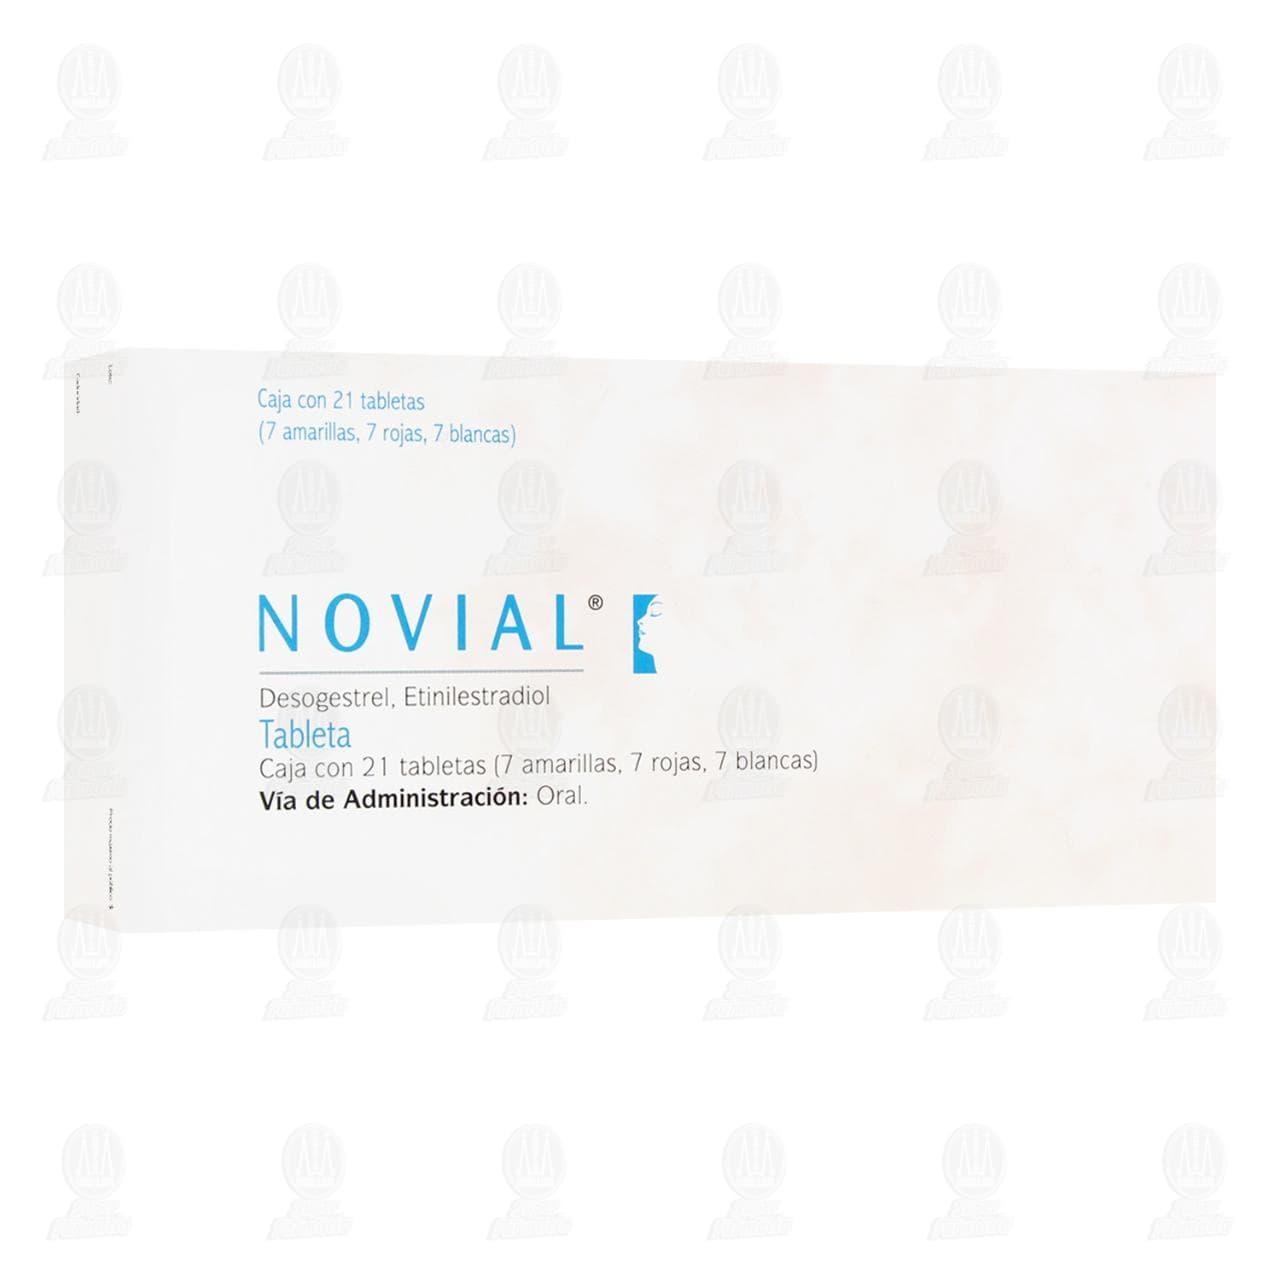 Comprar Novial 21 Tabletas en Farmacias Guadalajara